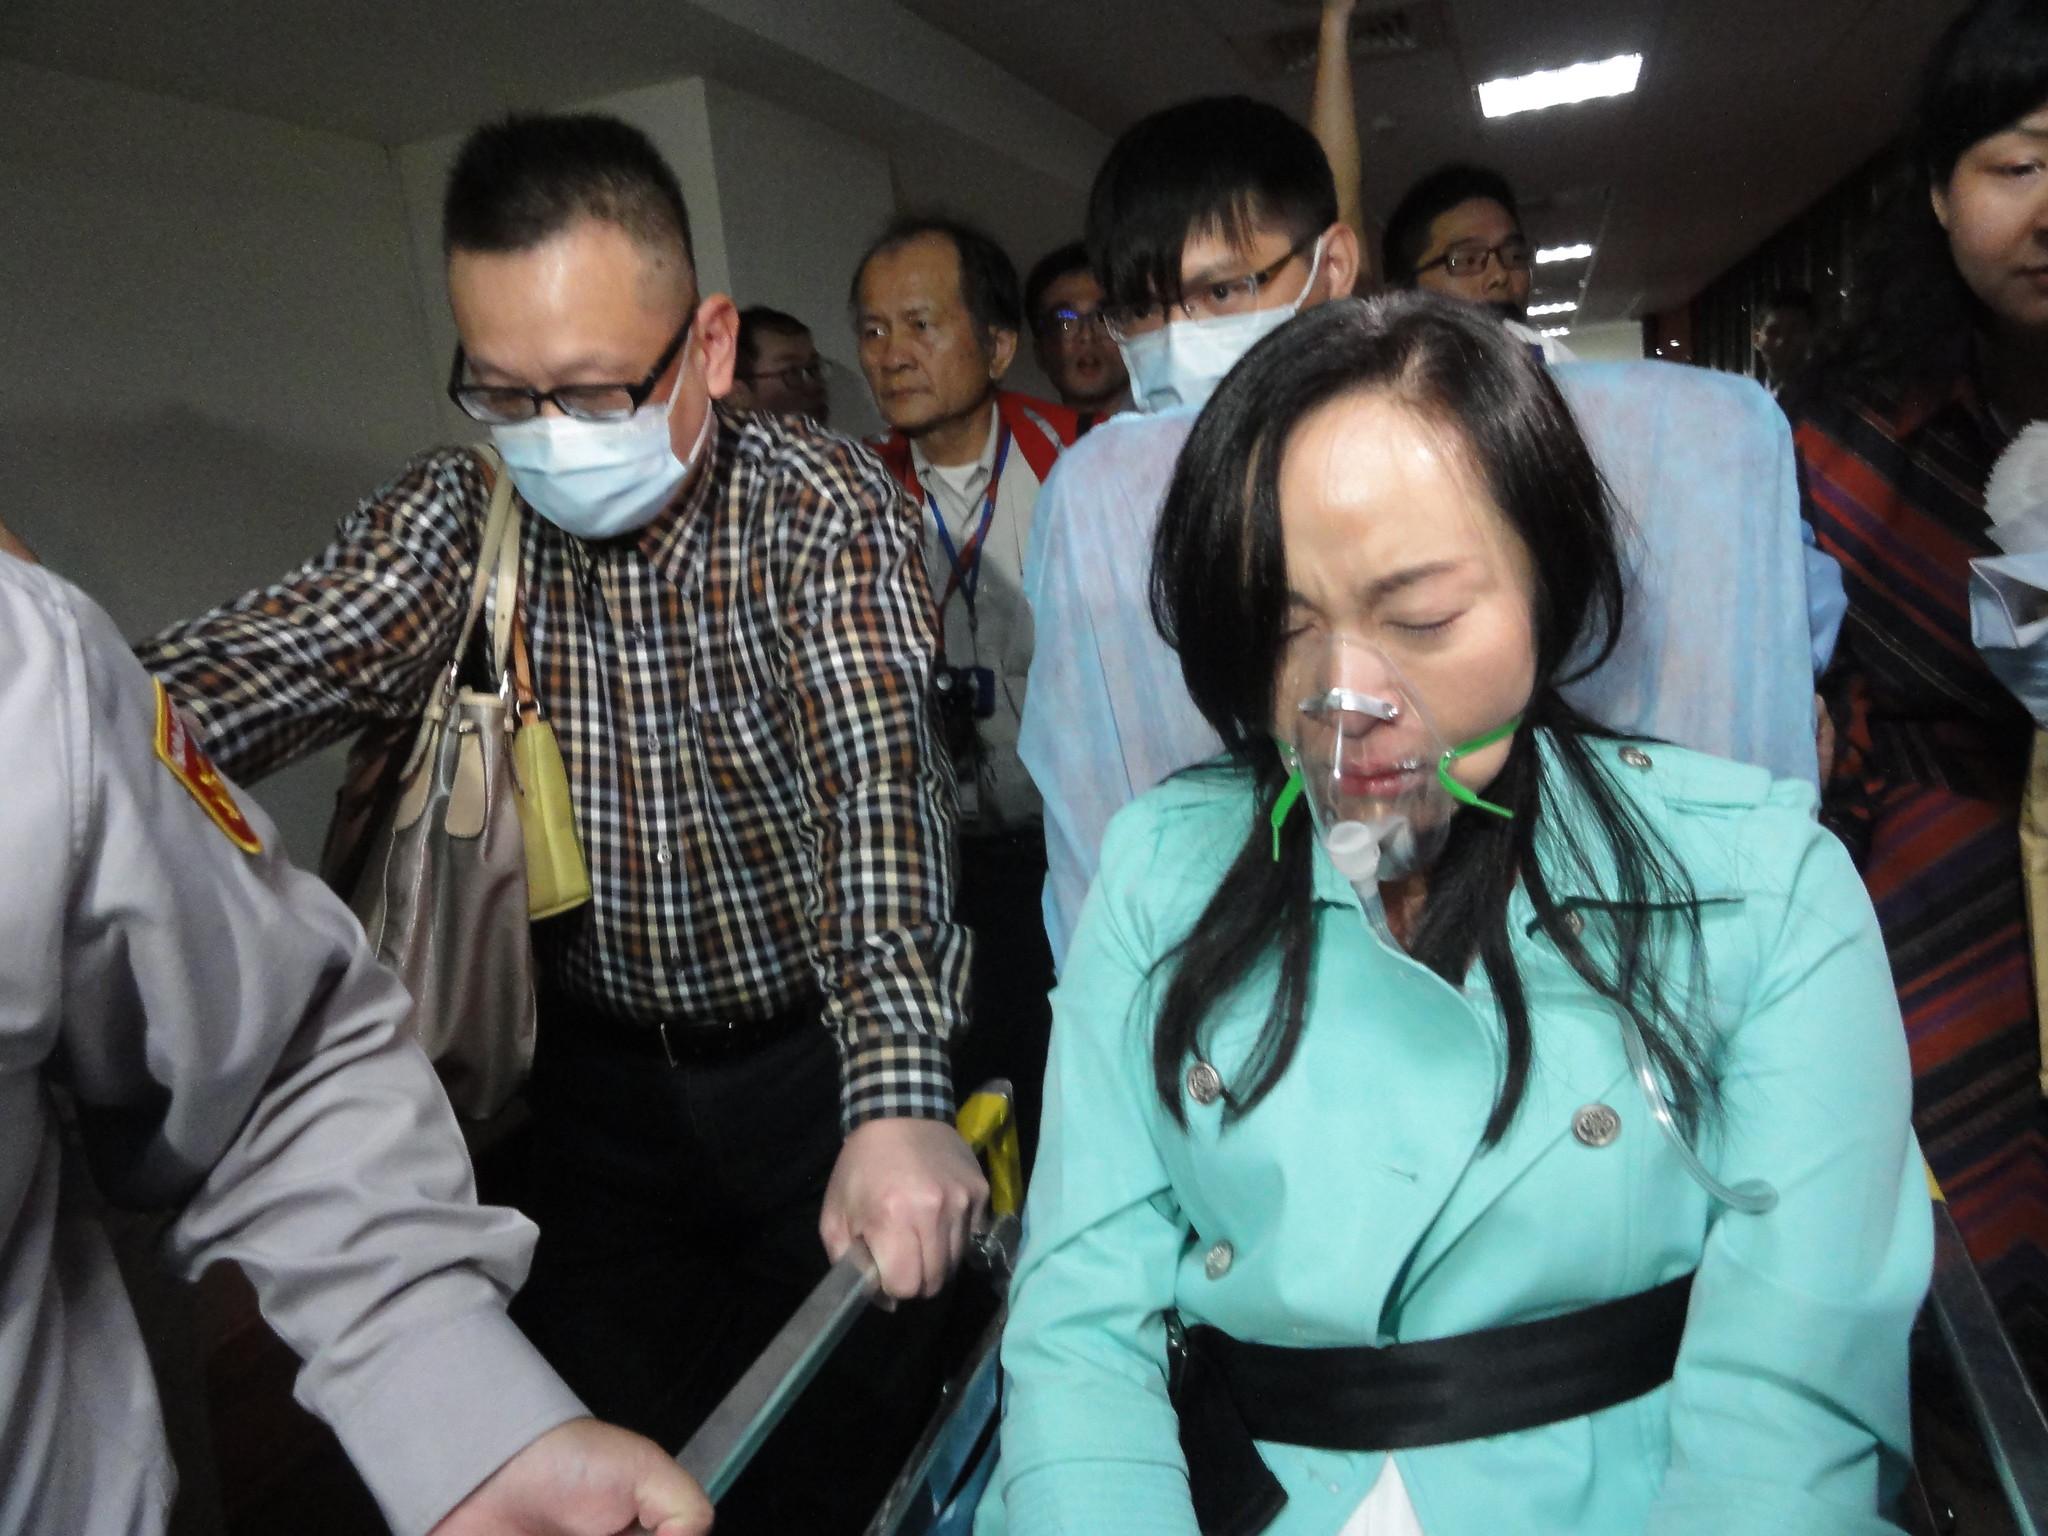 陳瑩也被緊急送醫,神情看起來「非常痛苦」。(攝影:張智琦)